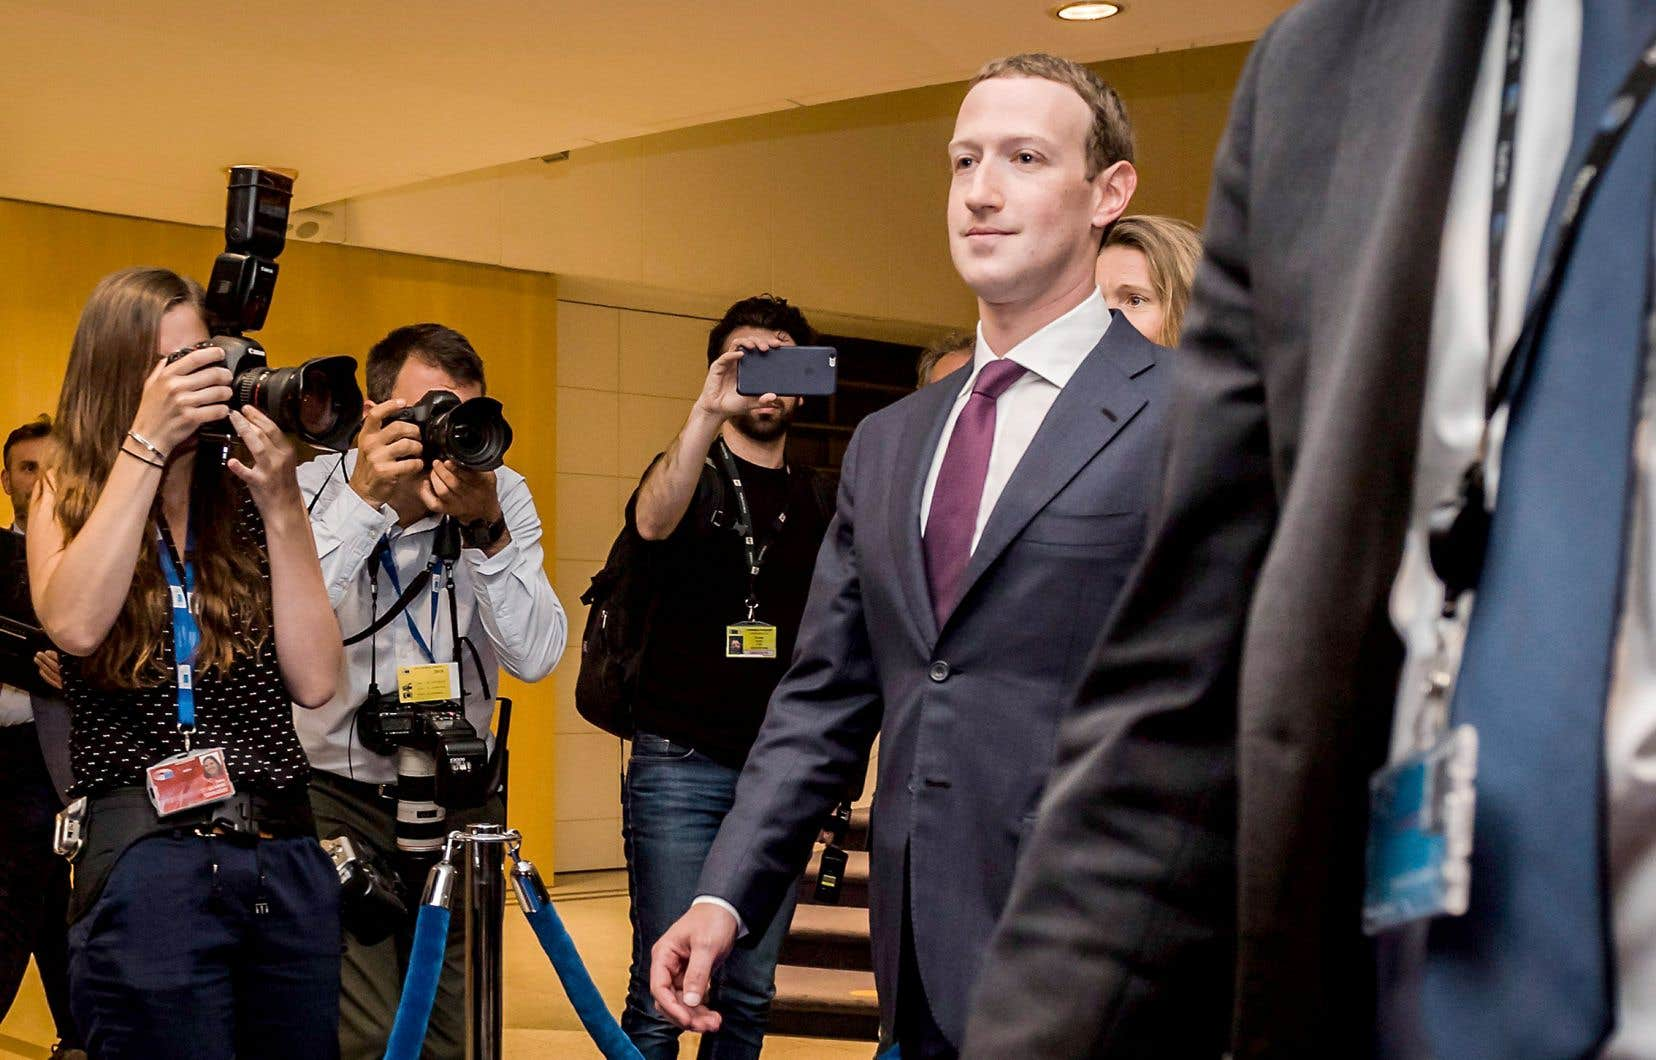 Les géants de la technologie font face à plusieurs enquêtes pour des pratiques anticoncurrentielles lancées par certains États américains et sont aussi dans le viseur des autorités européennes.